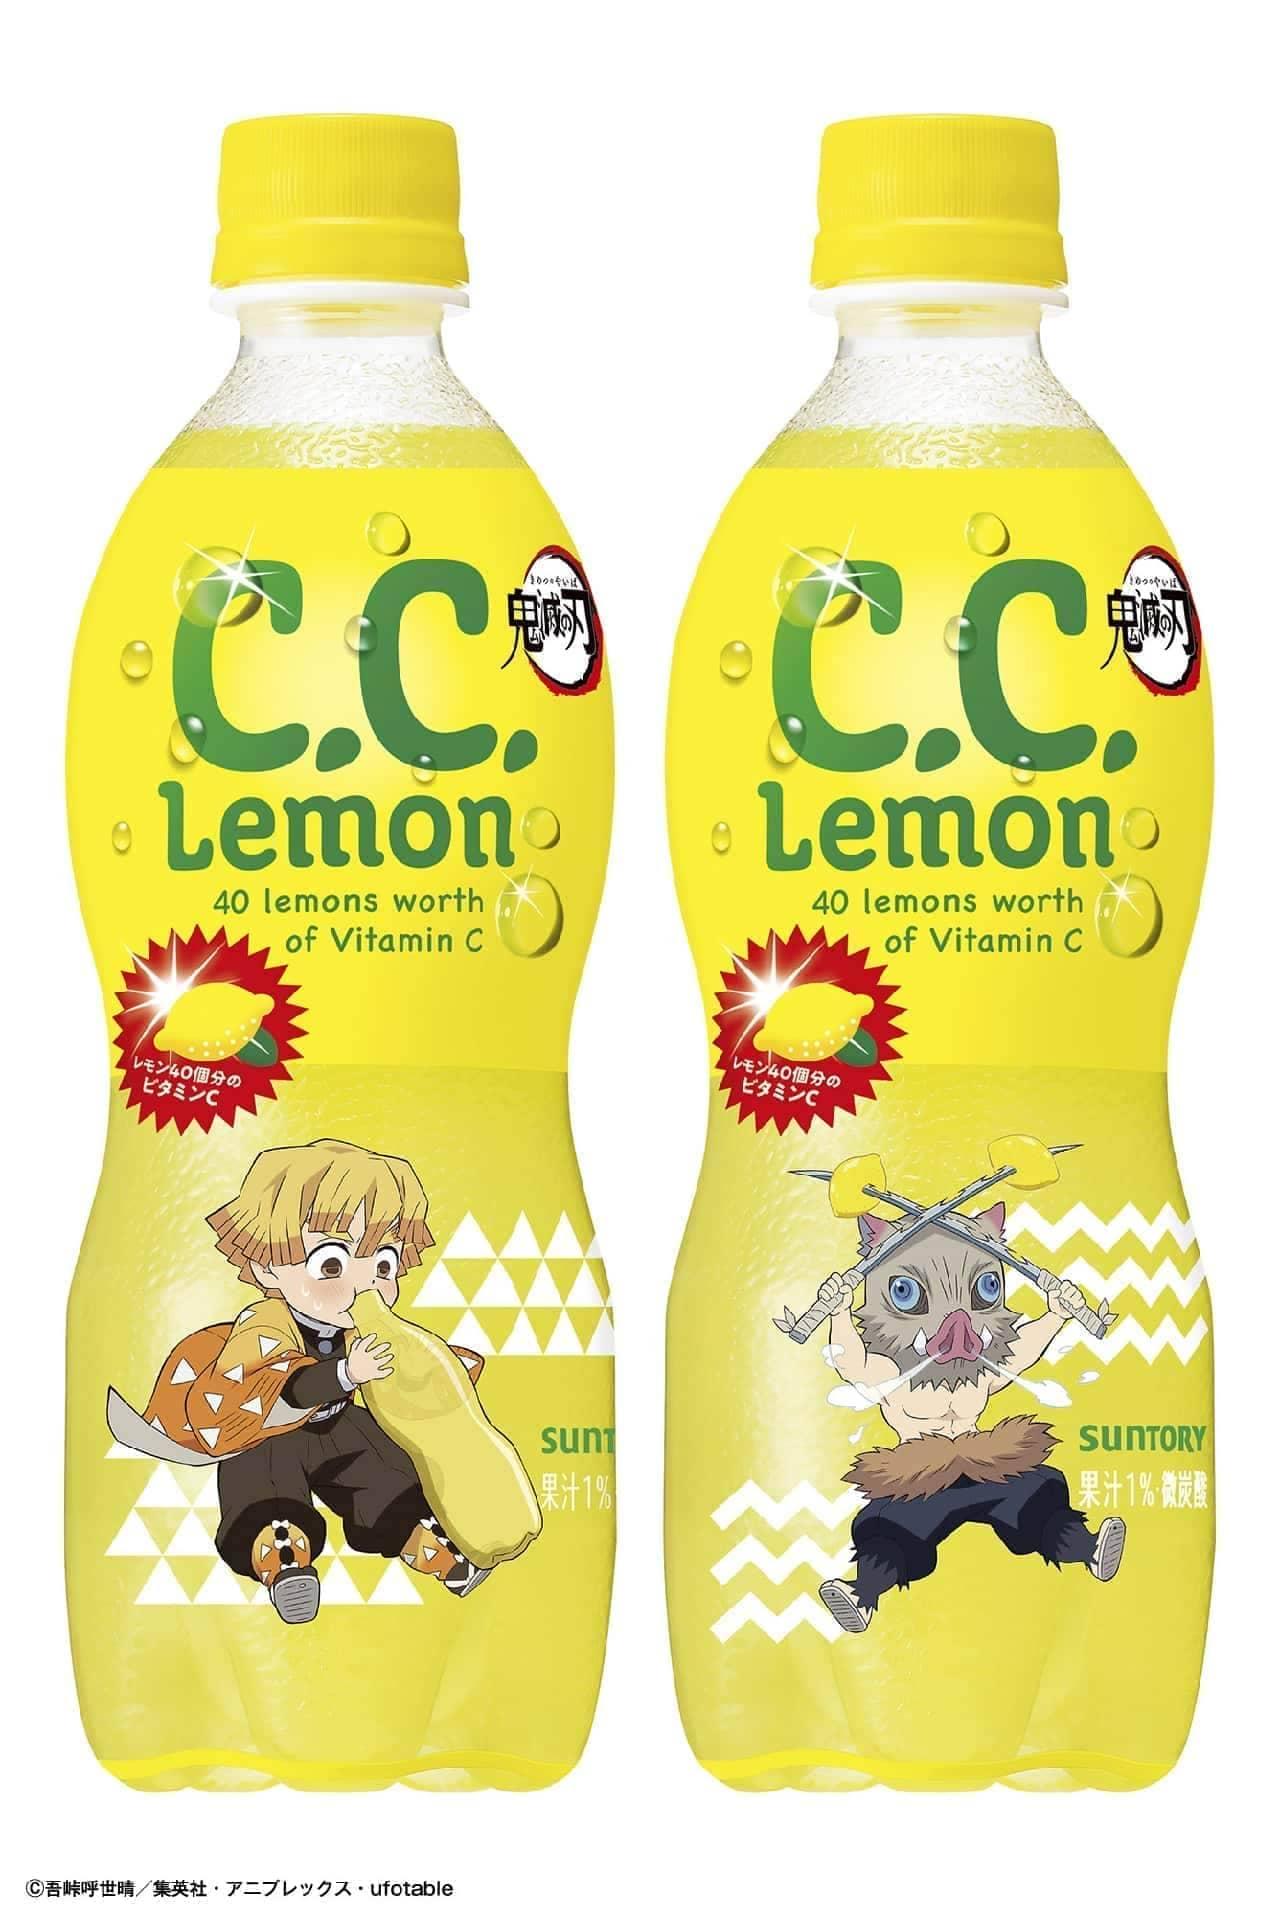 サントリー「C.C.レモン 鬼滅の刃デザインラベル」